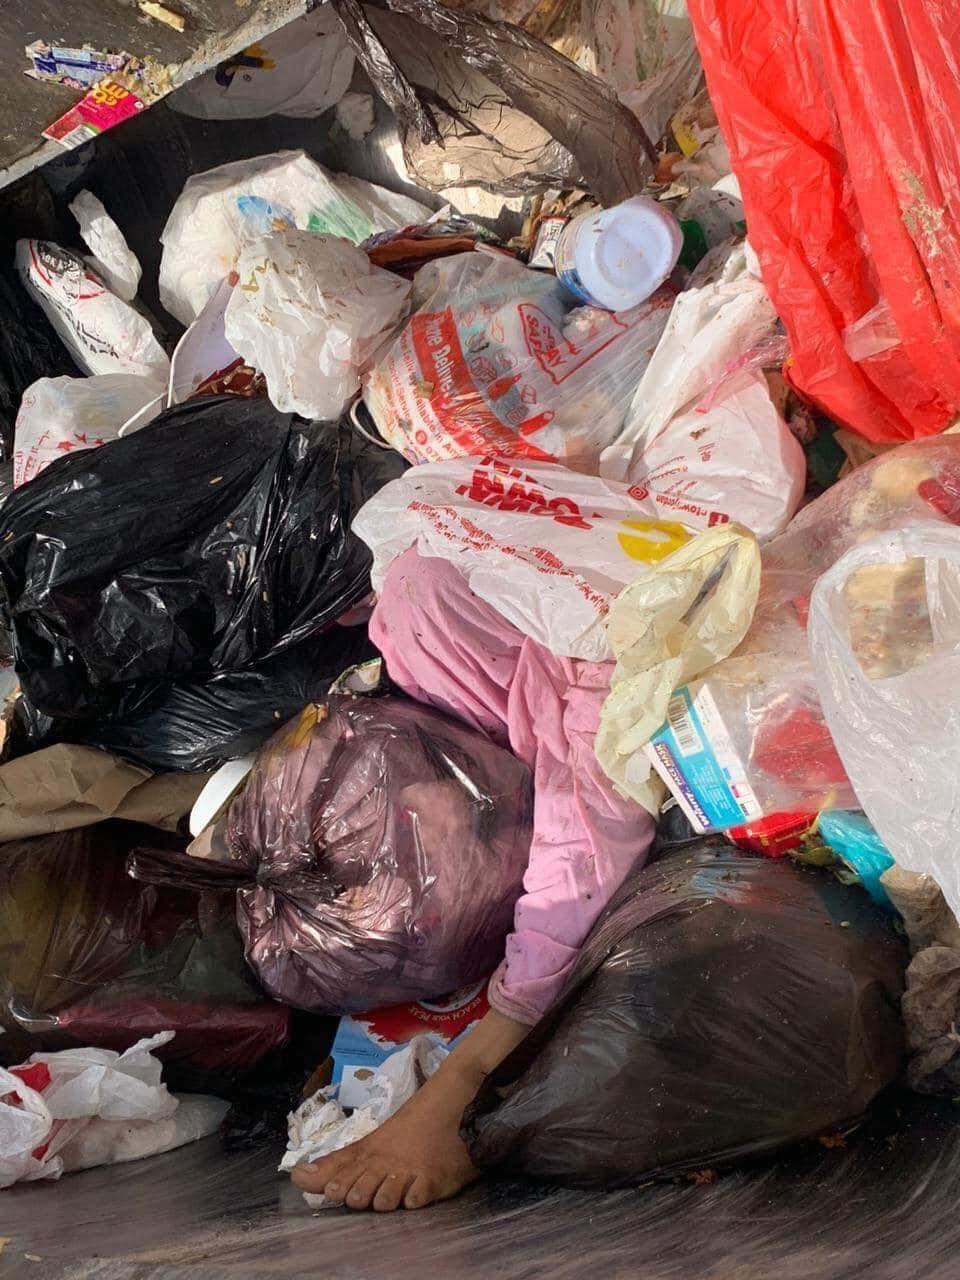 جثة فتاة في حاوية تثير ضجة في العاصمة الاردنية عمان